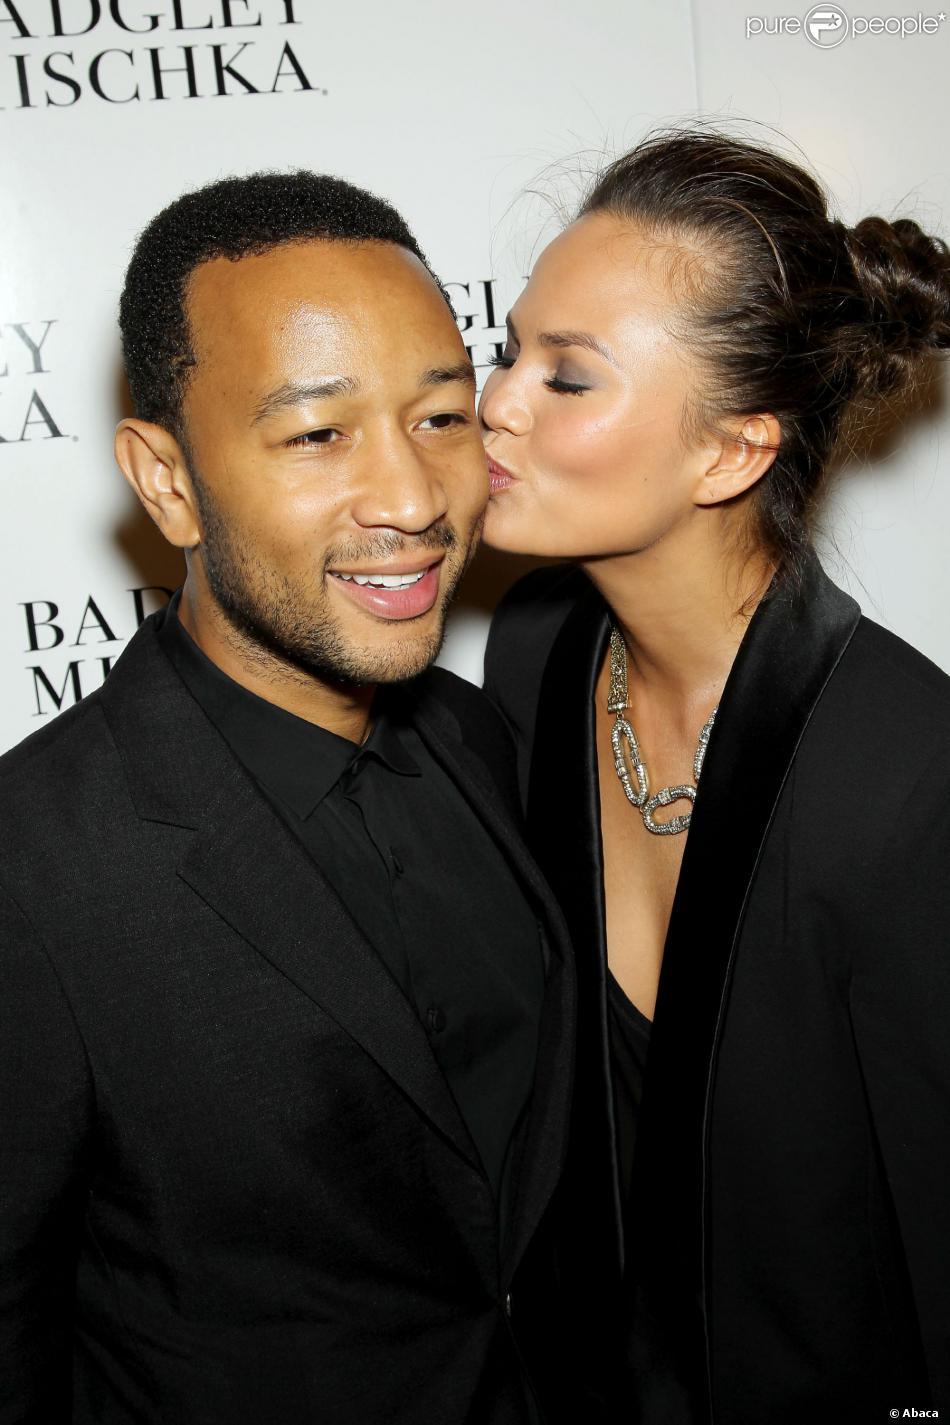 John Legend et Chrissy Teigen assistent au défilé de mode Badgley Mischka à New York, le 10 septembre 2013.